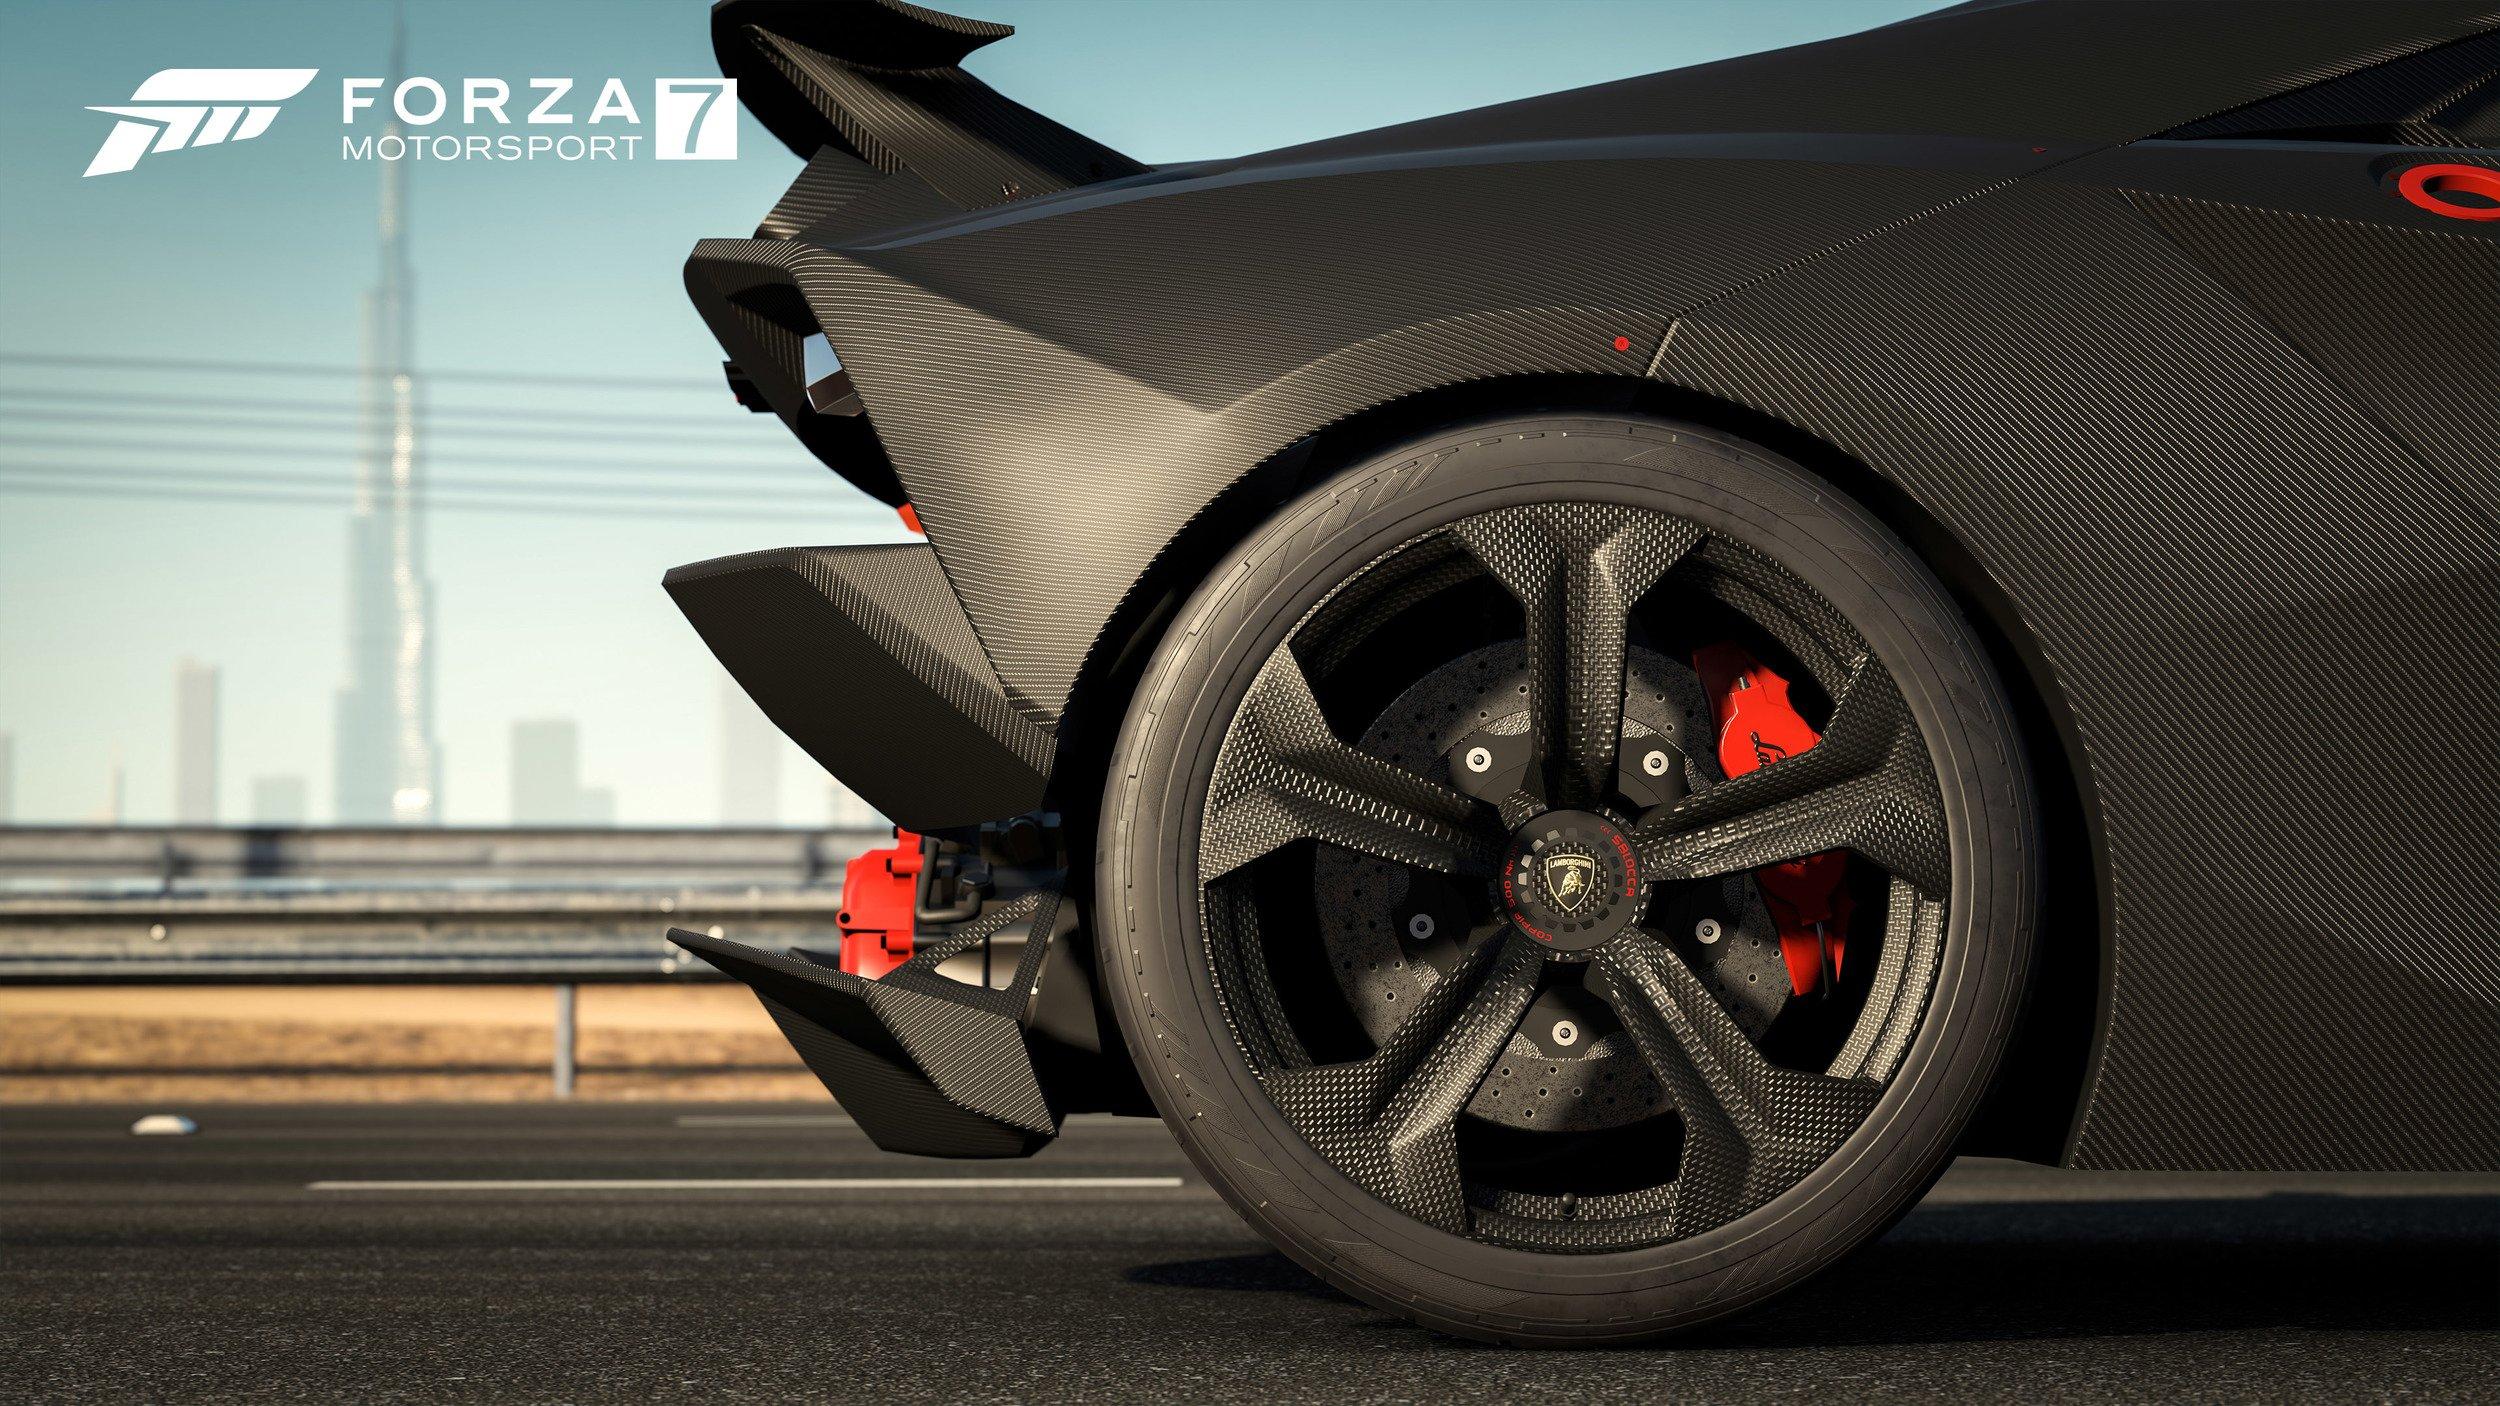 Forza Motorsport 7 Lamborghini Sesto Elemento rear